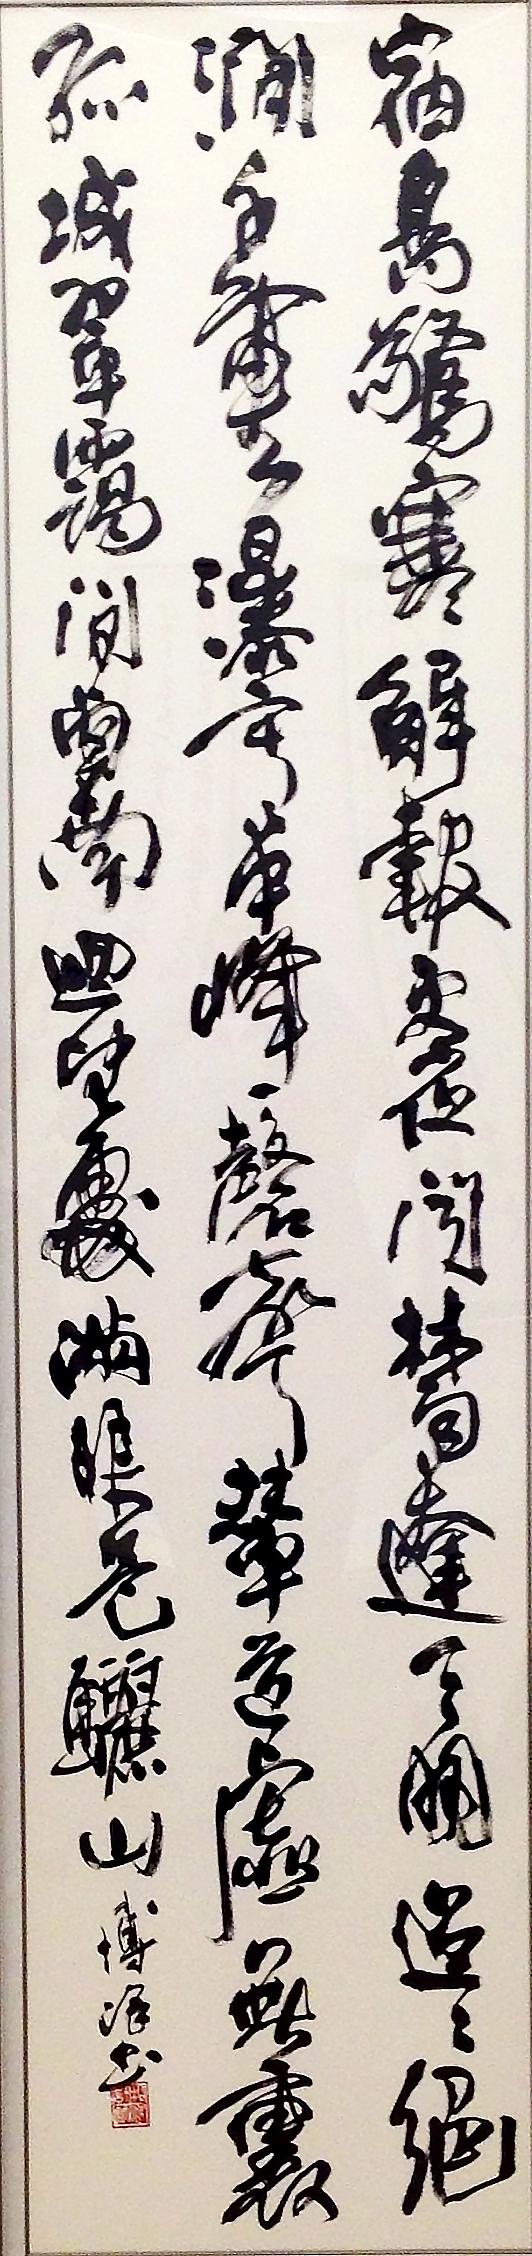 王漁洋詩二首 2014 読売書法展